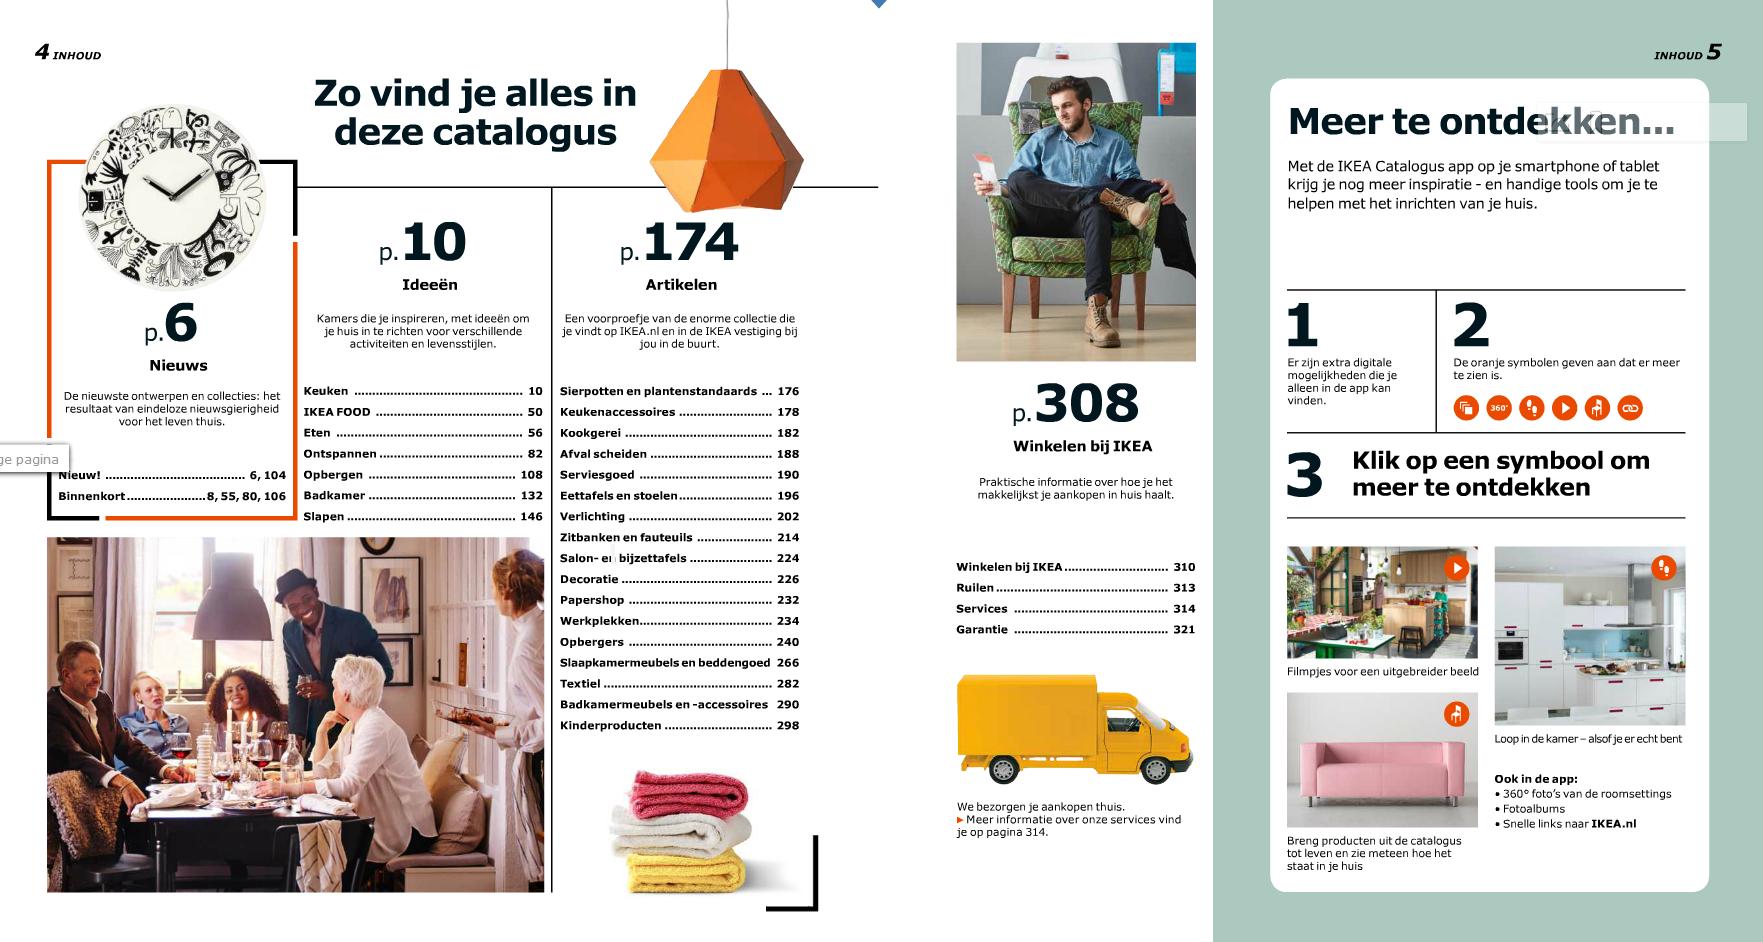 IKEA catalogus 2016 categorieen